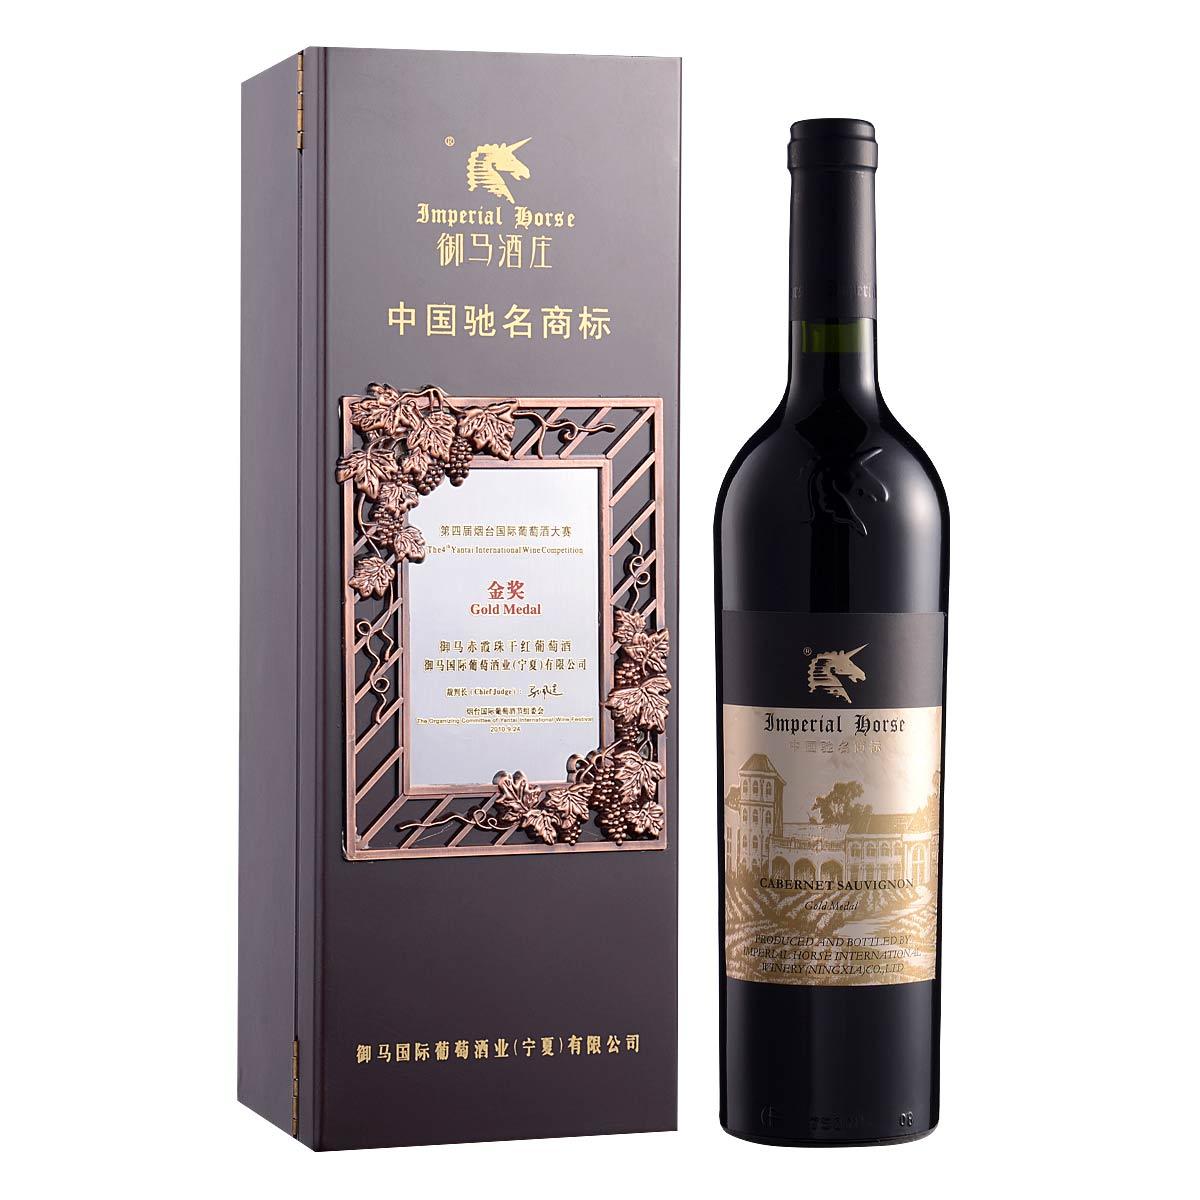 中国宁夏御马金奖赤霞珠干红葡萄酒